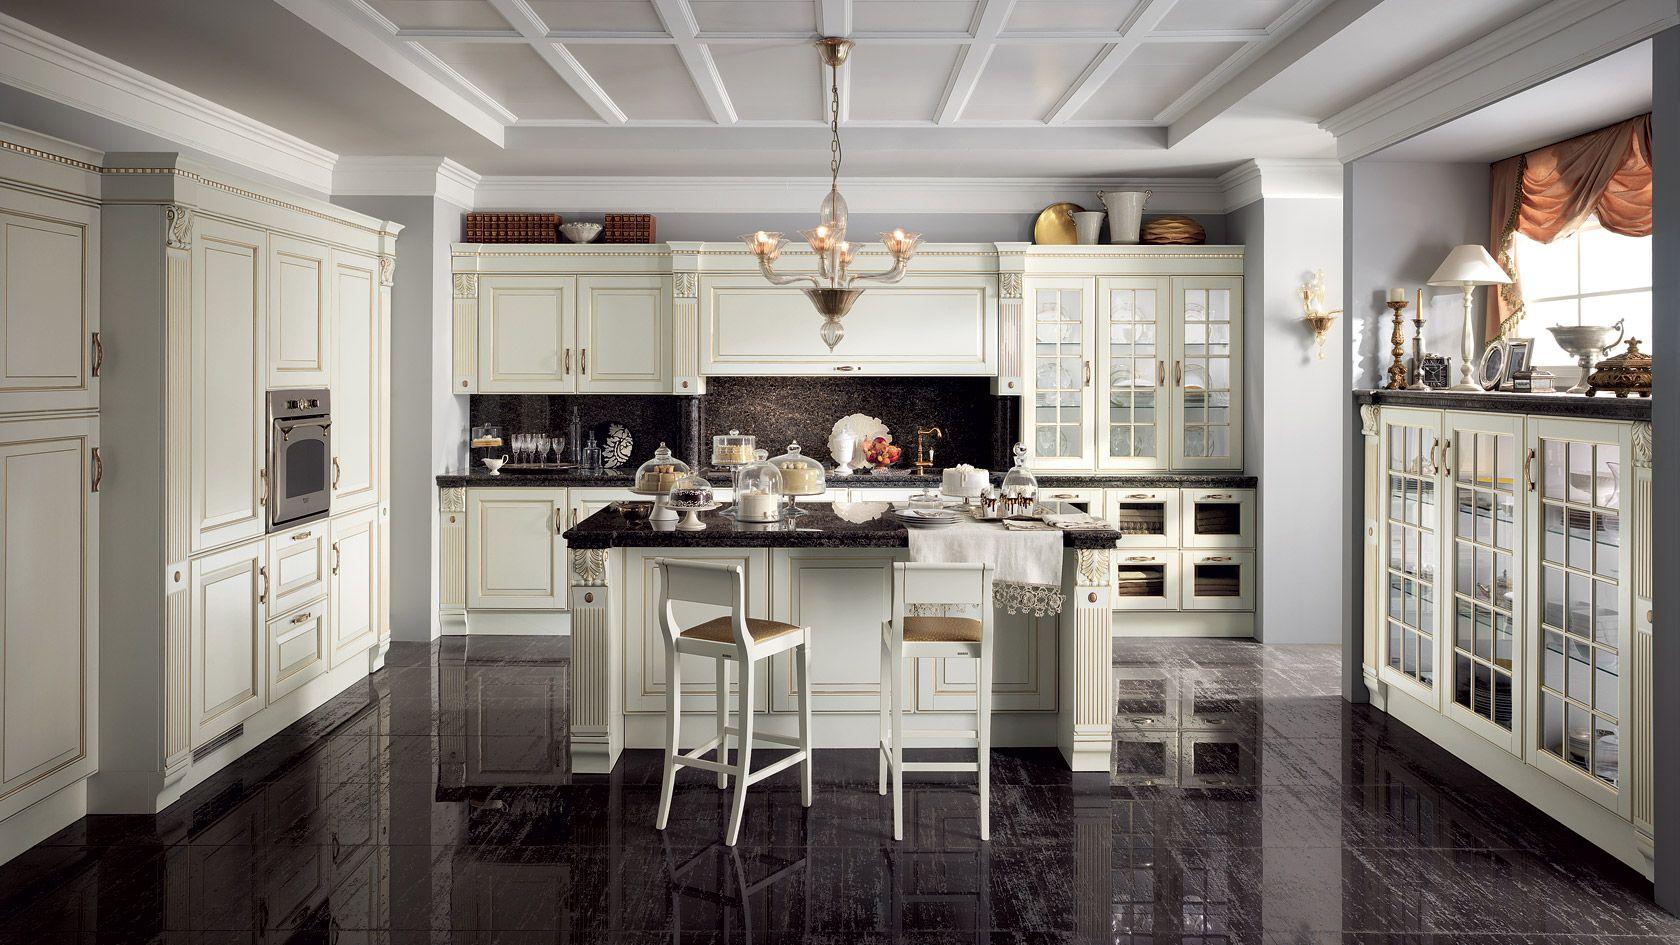 Cucina in rovere Baltimora | Sito ufficiale Scavolini | ev ...